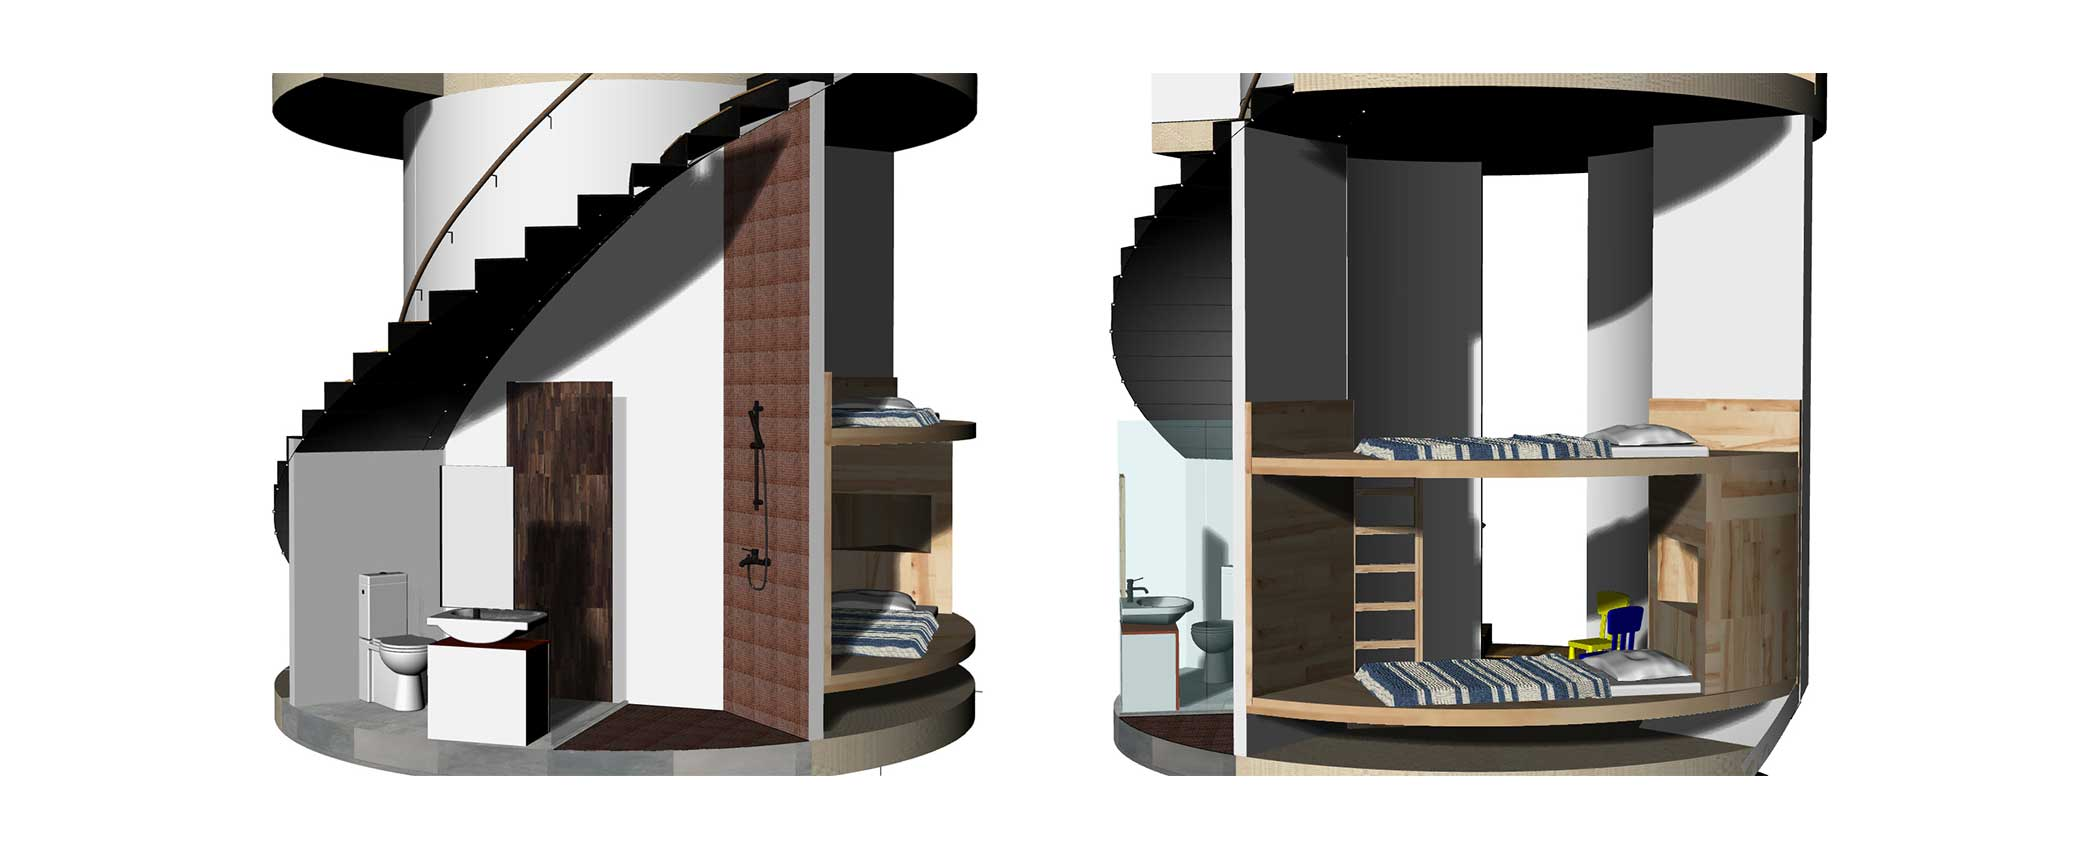 7-Silo-House.jpg